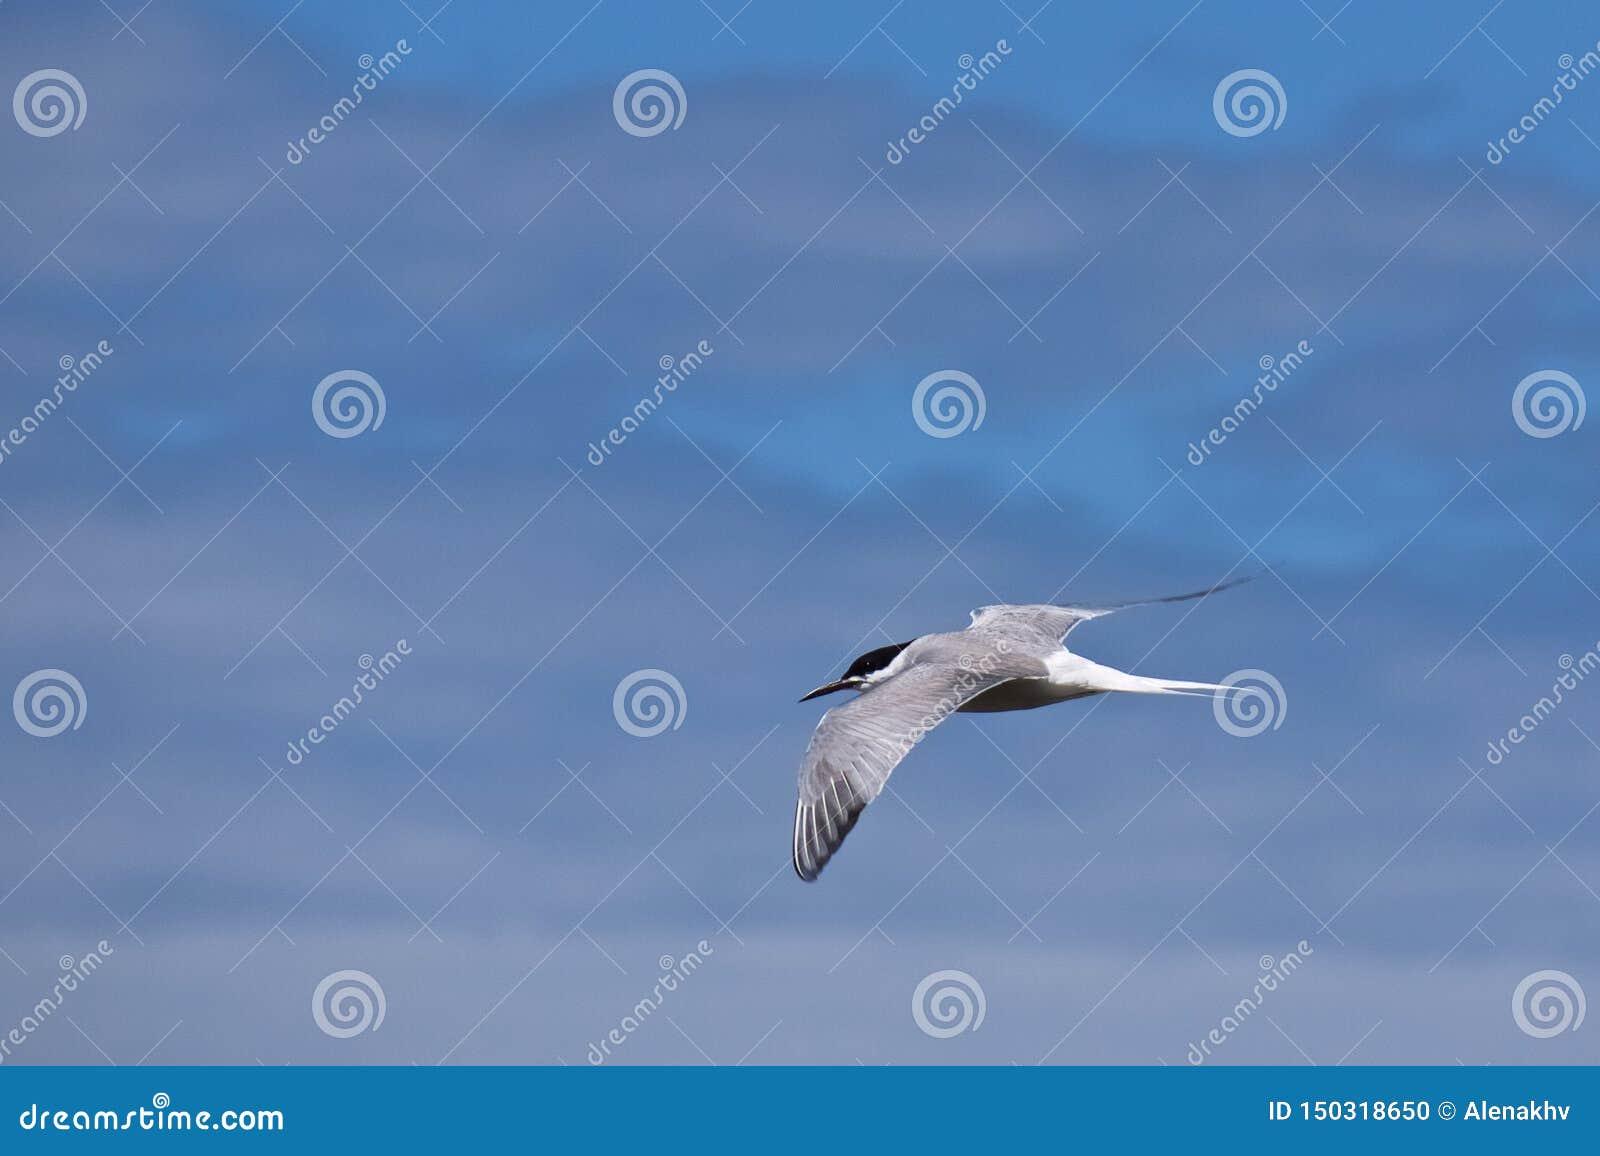 一只北极燕鸥在被弄脏的天空蔚蓝背景中,